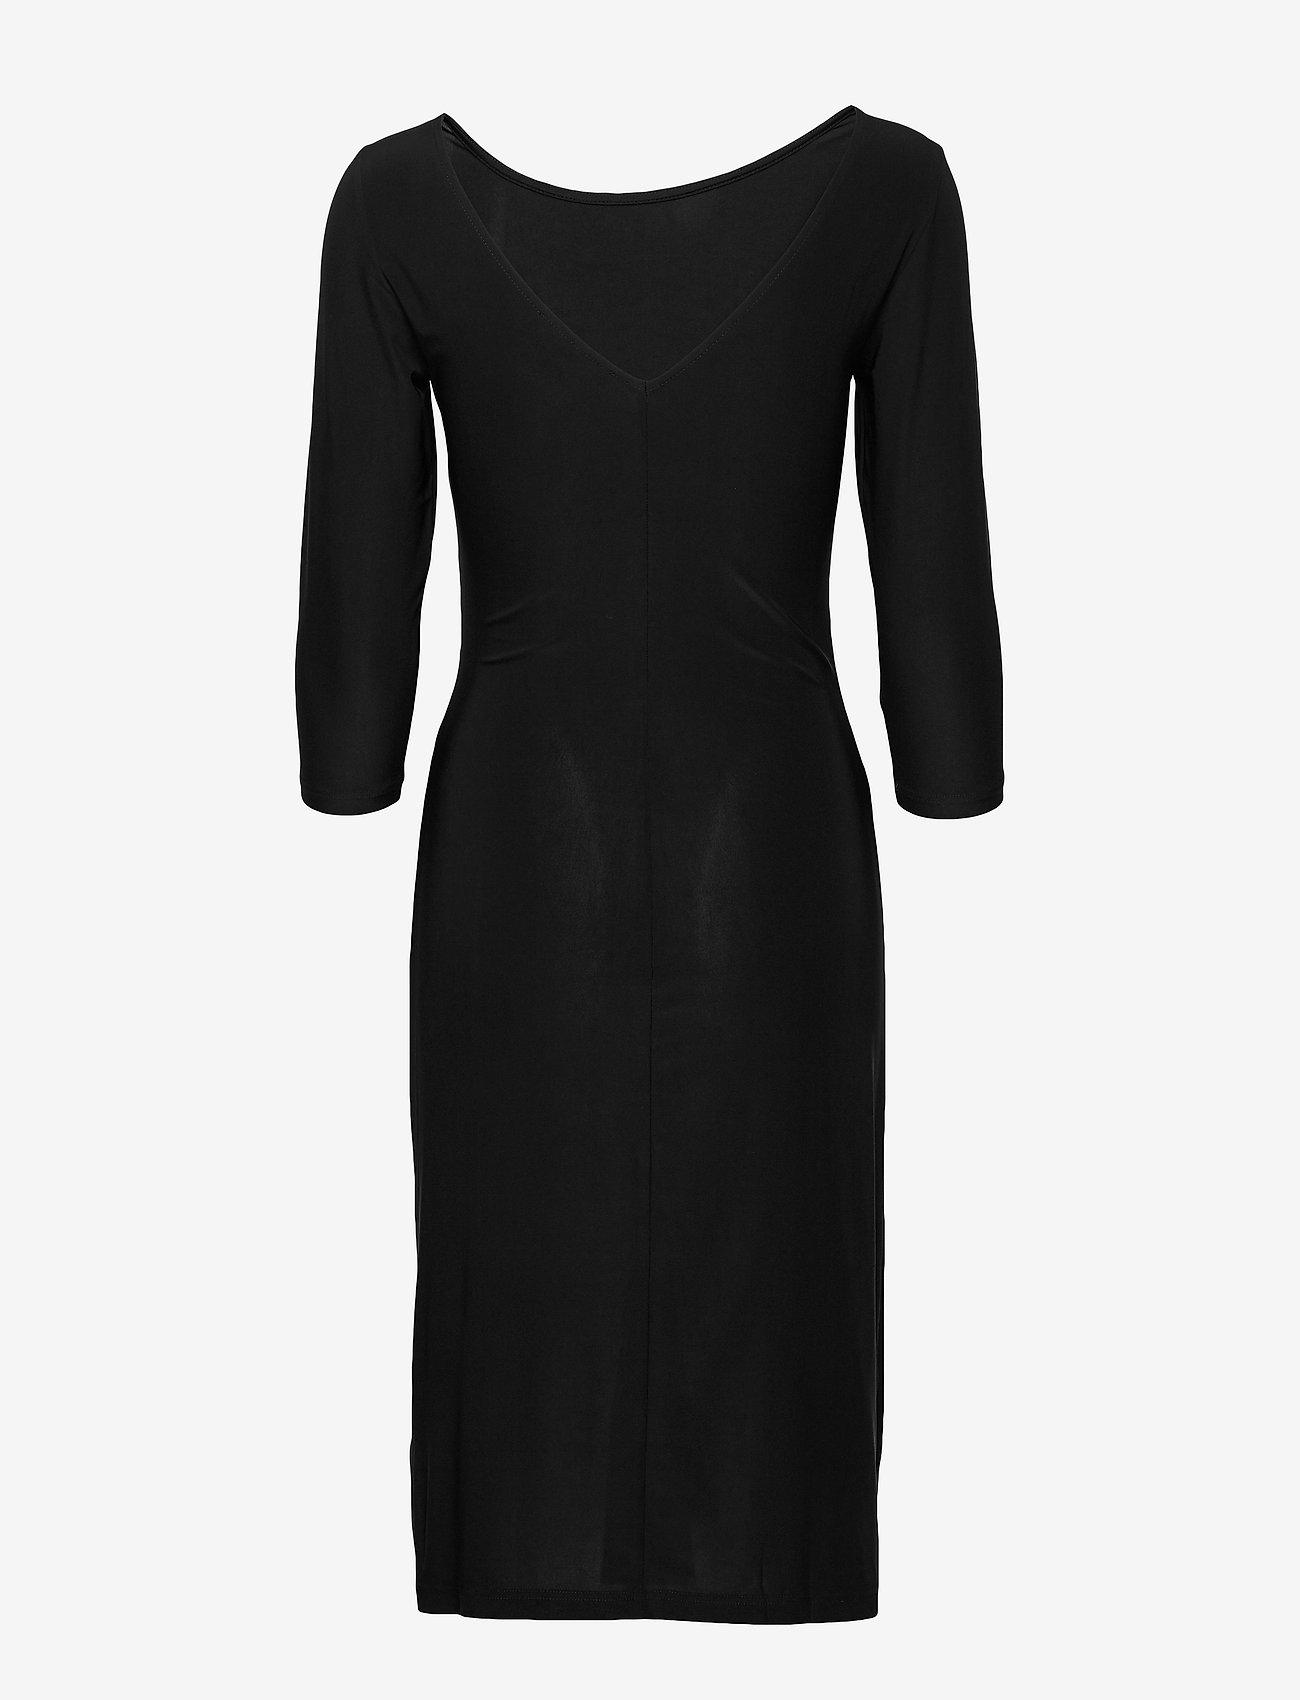 Dress (Black) - Ilse Jacobsen jxyltc